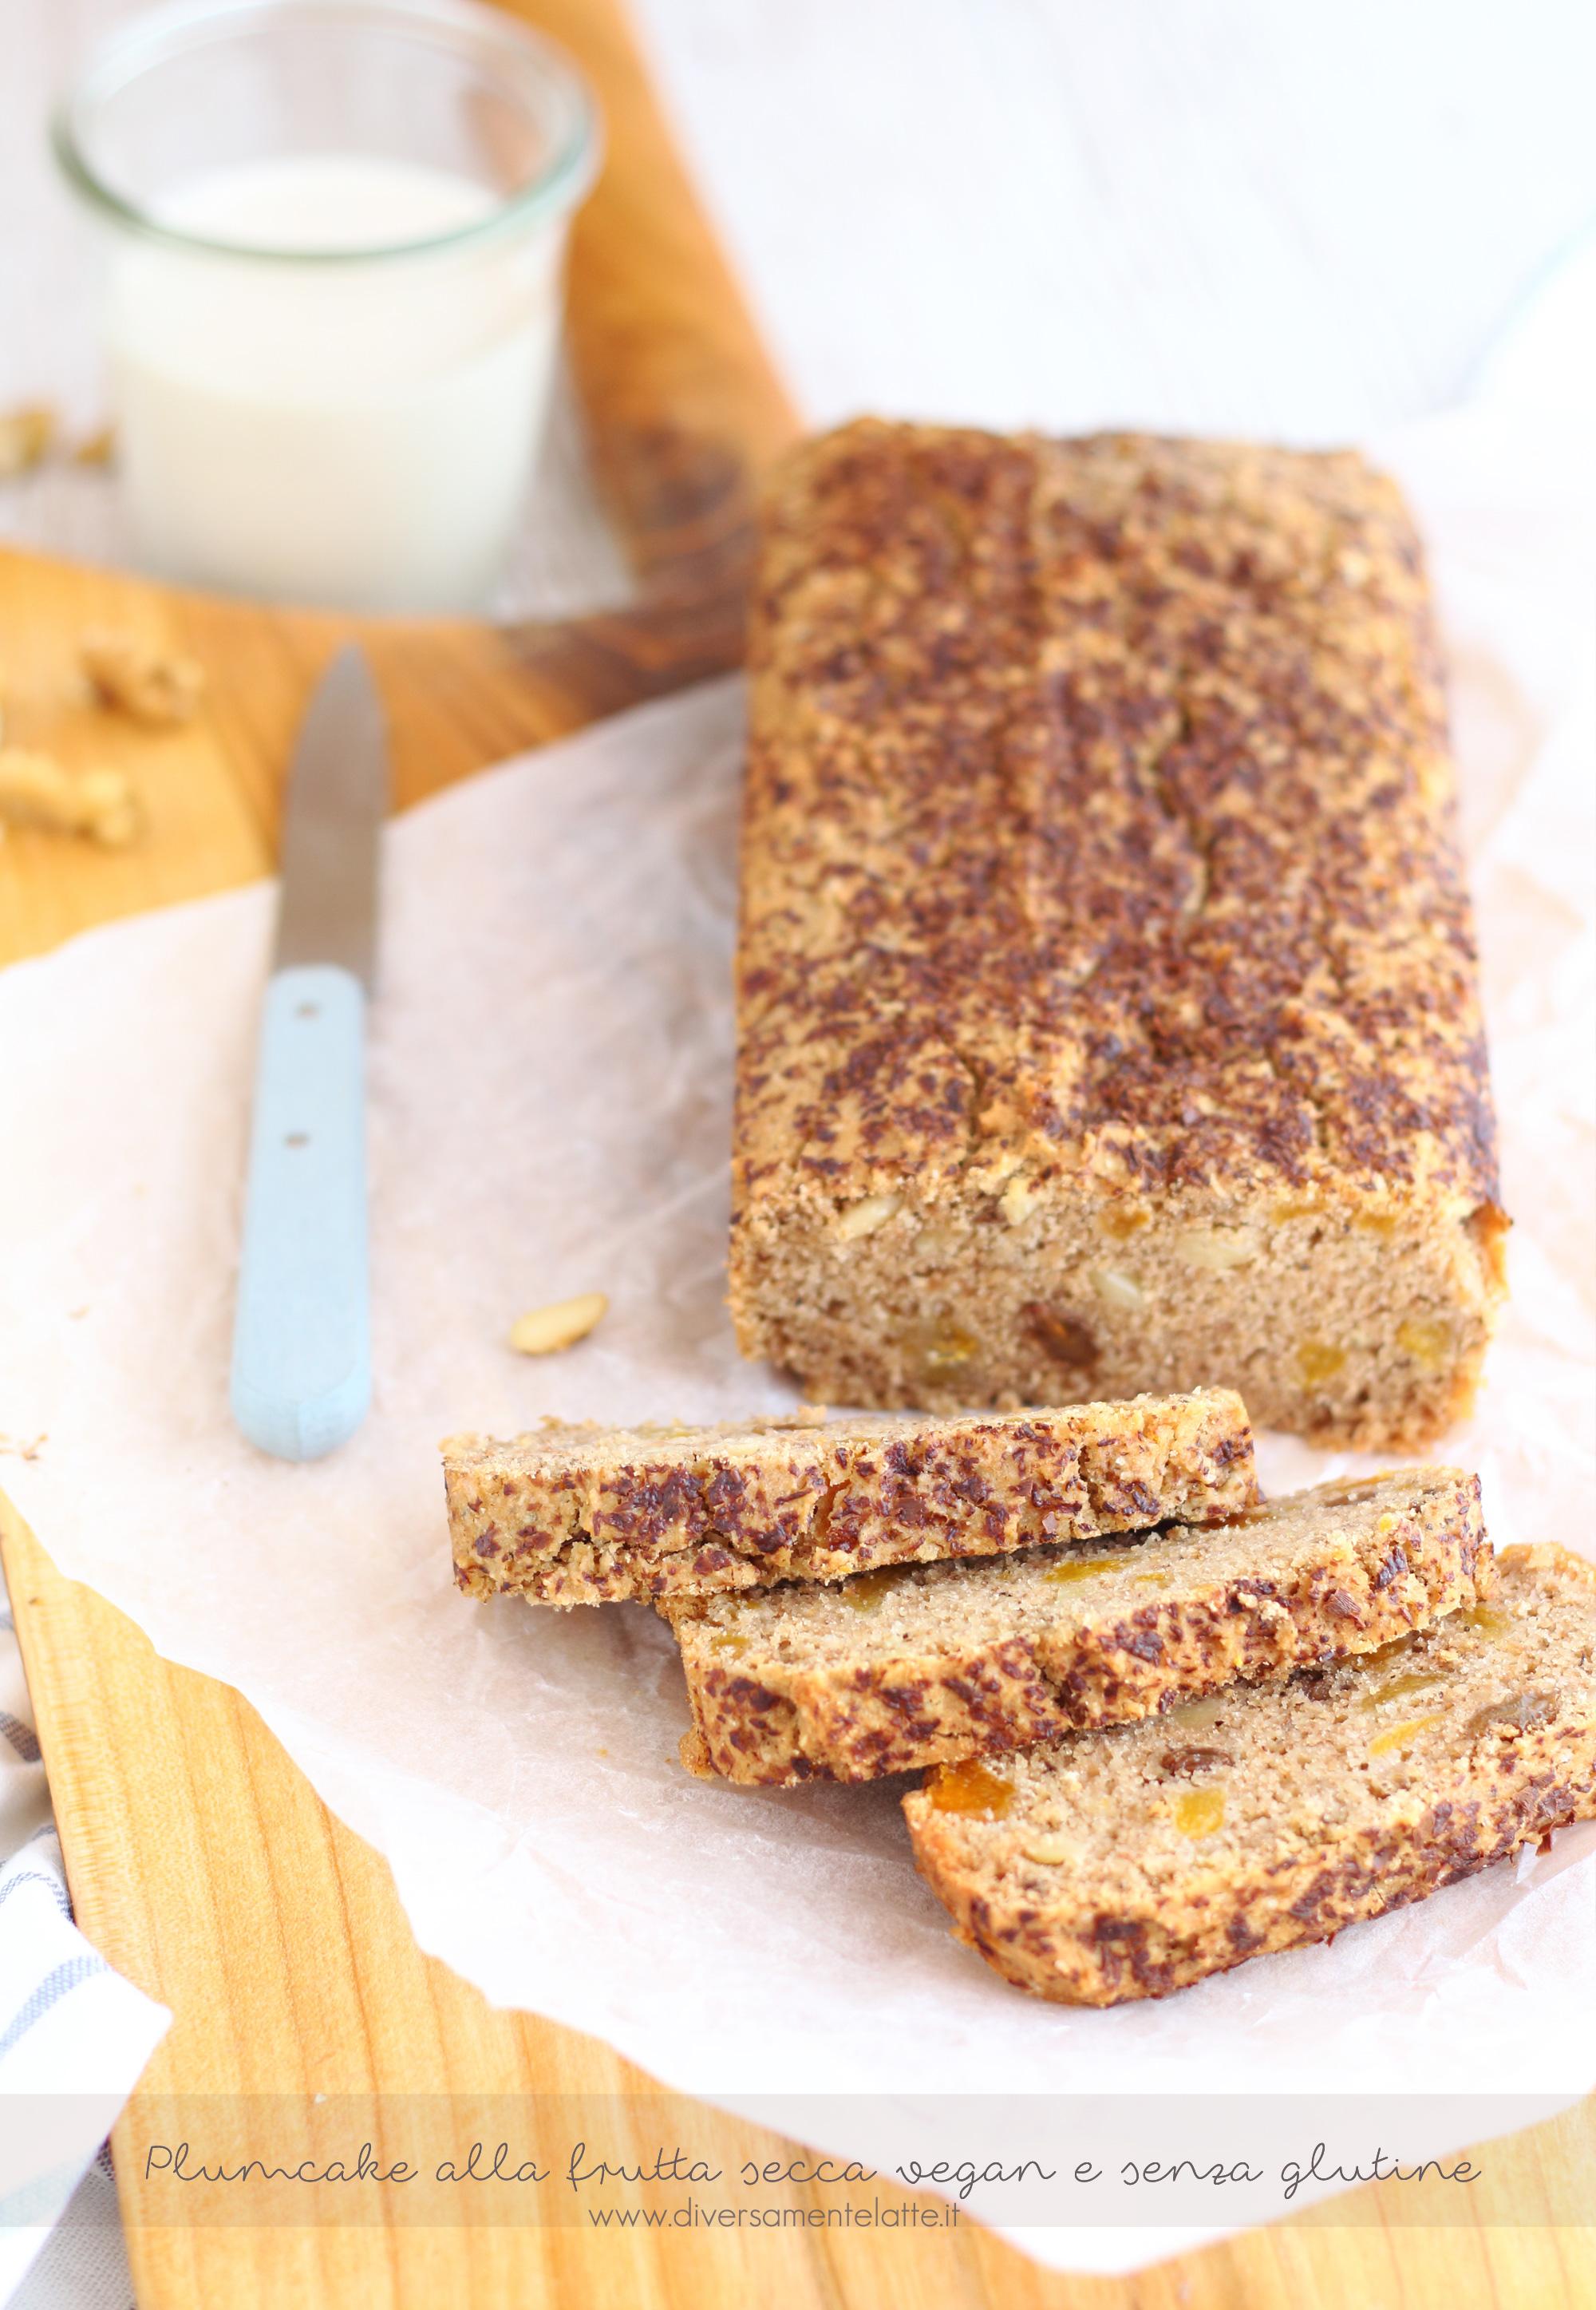 plumcake vegan senza glutine